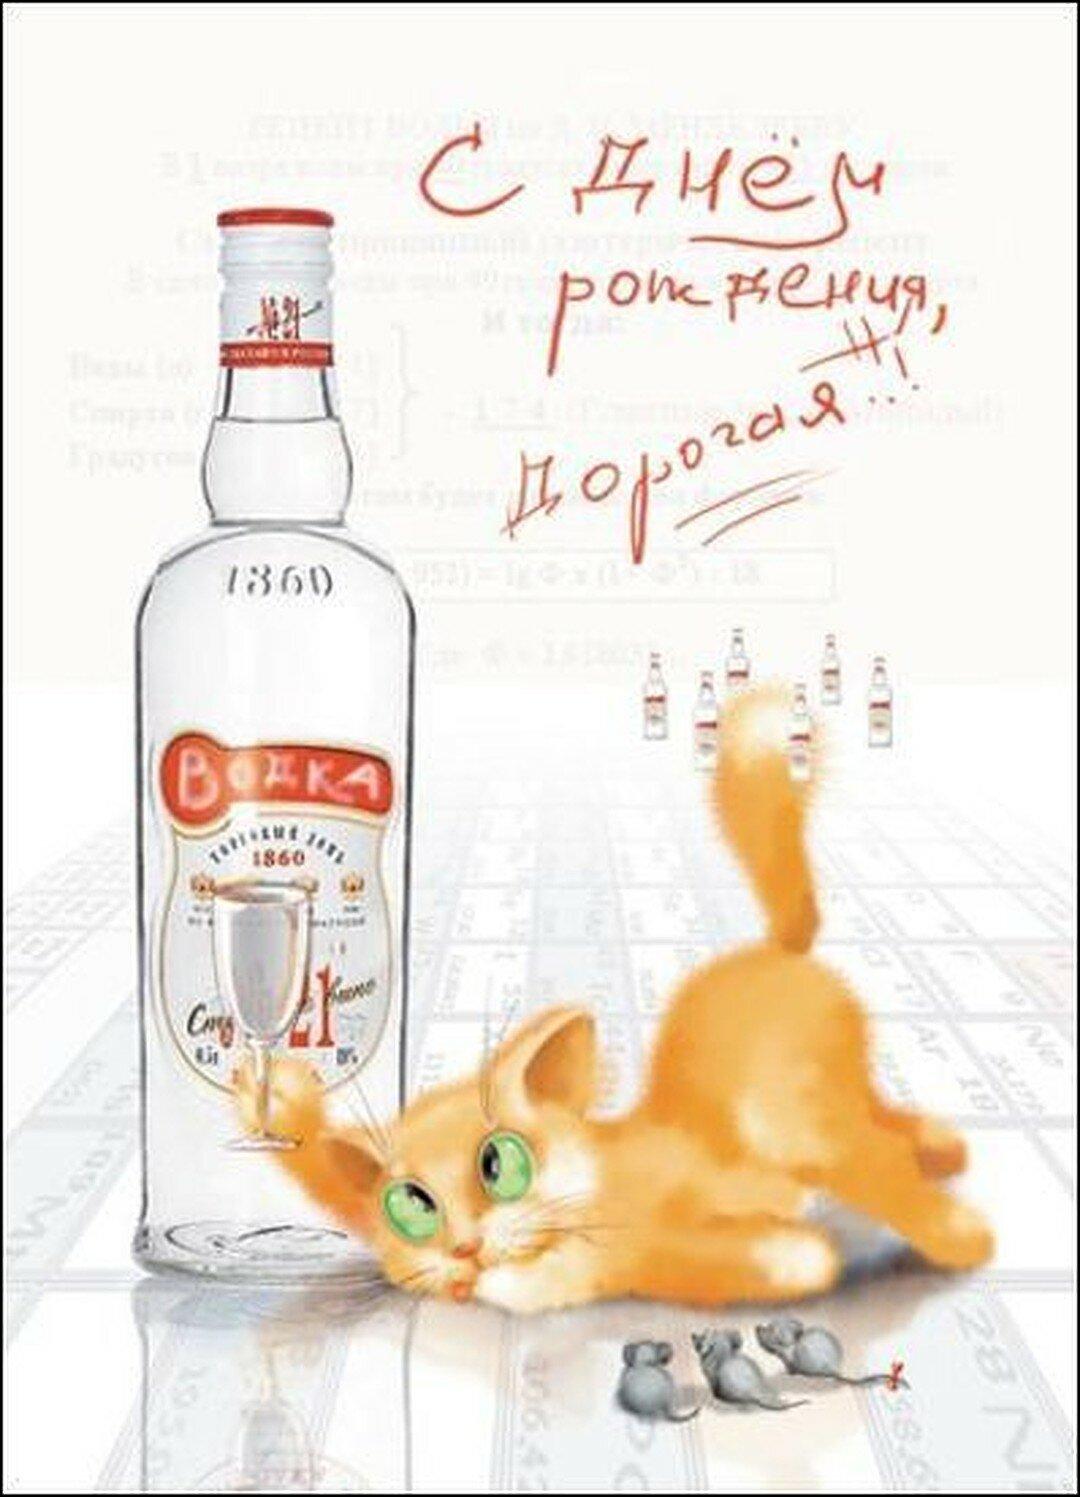 Встречаться прикол, прикольные картинки алкоголь с днем рождения